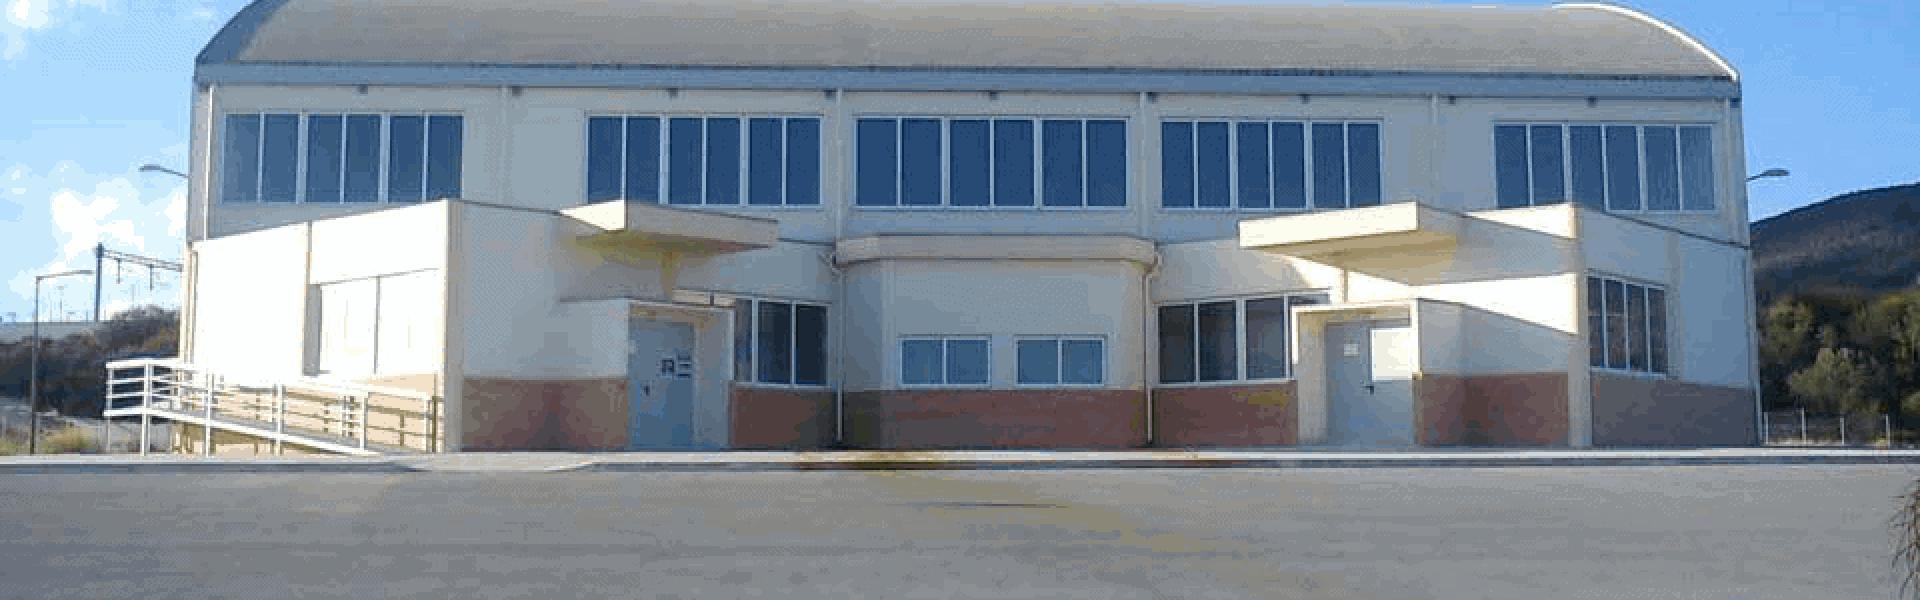 Κλειστό γυμναστήριο Αγίων Θεοδώρων